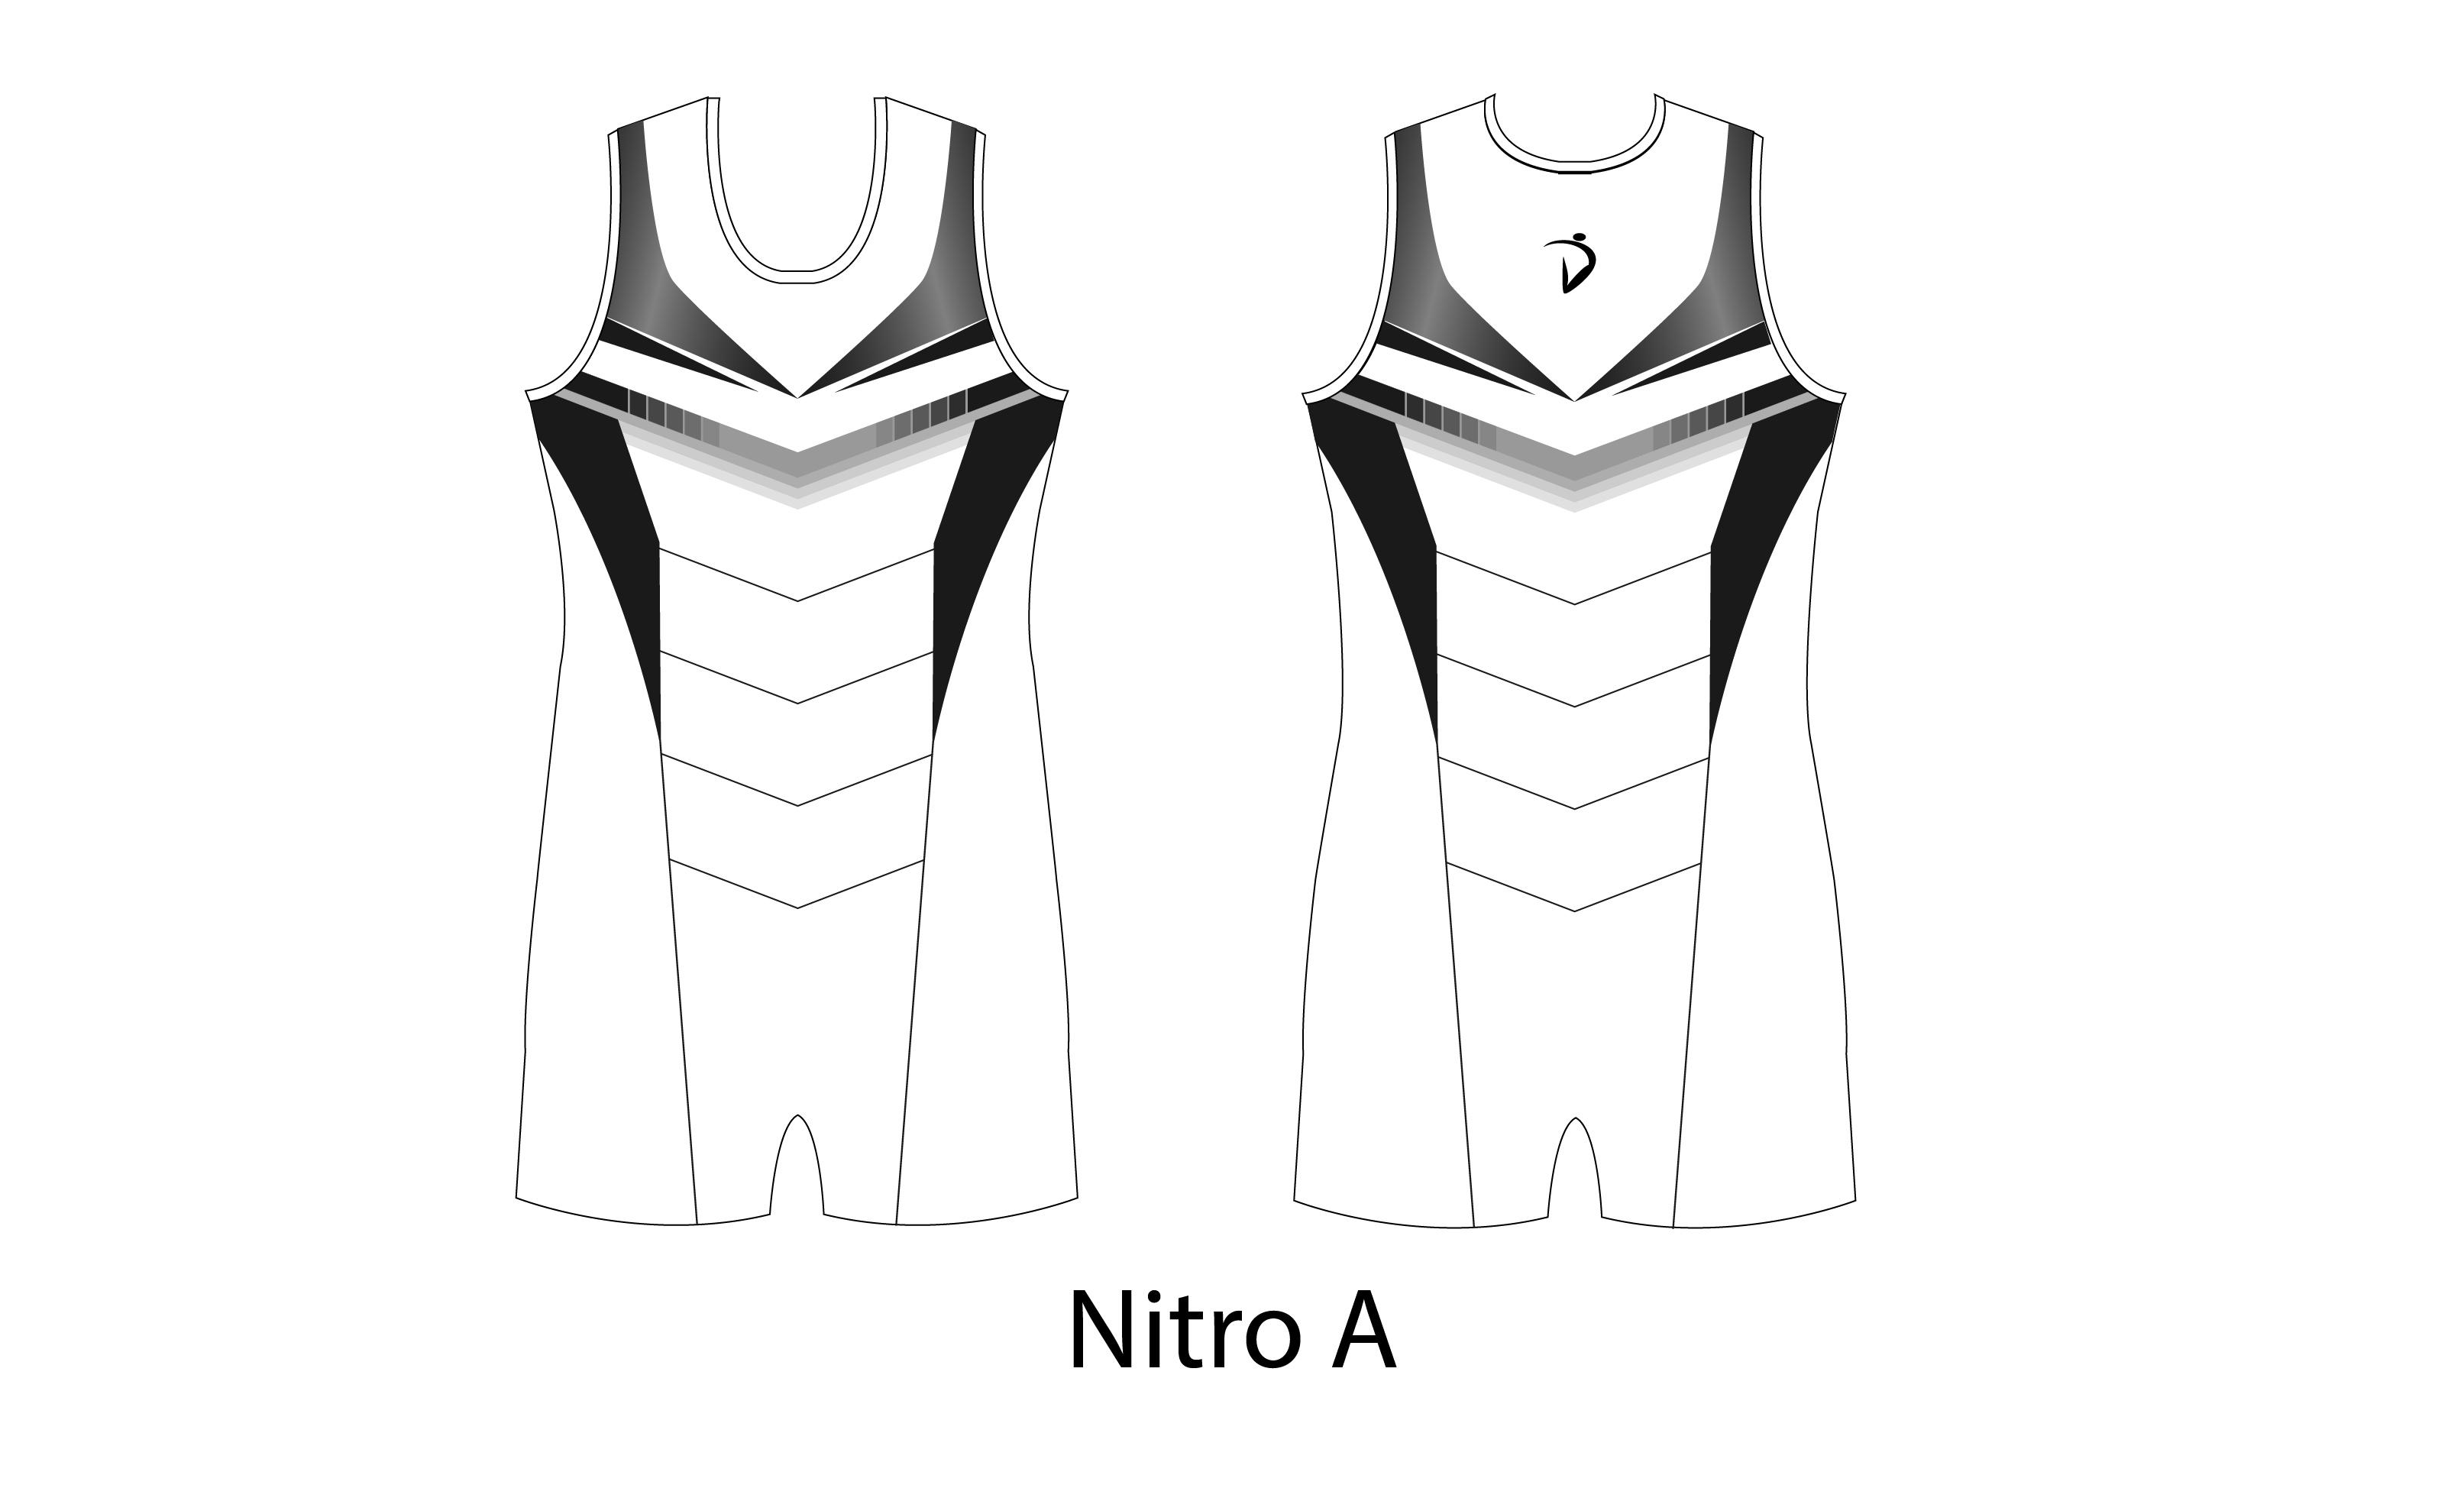 Nitro A